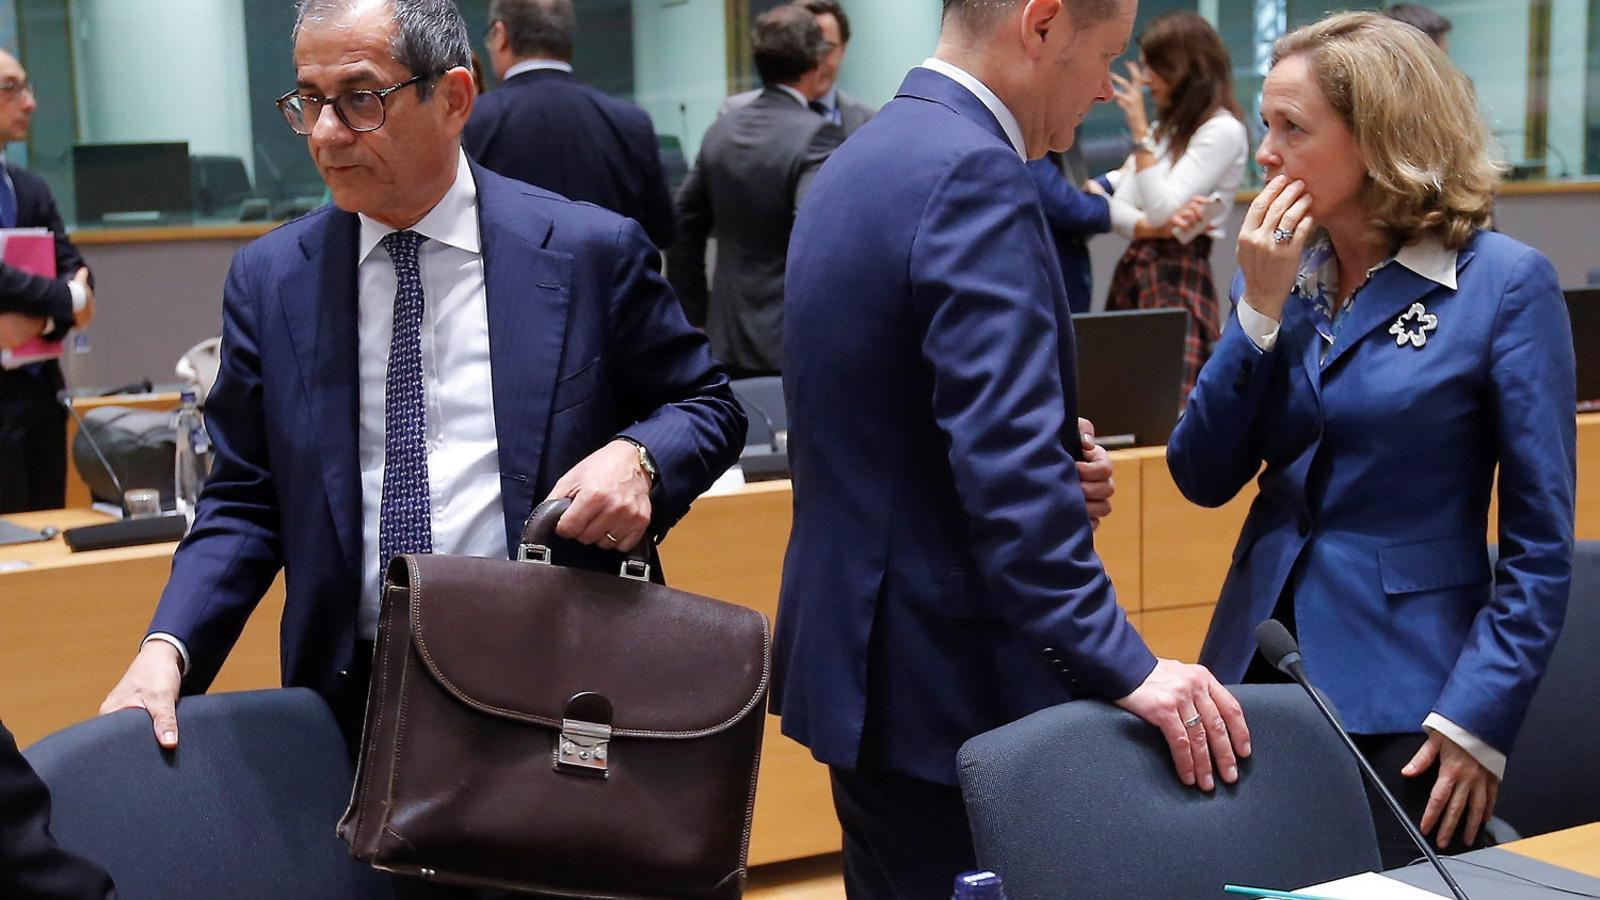 Els partidaris de l'austeritat limiten l'acció contra el virus a crèdits del fons de rescat